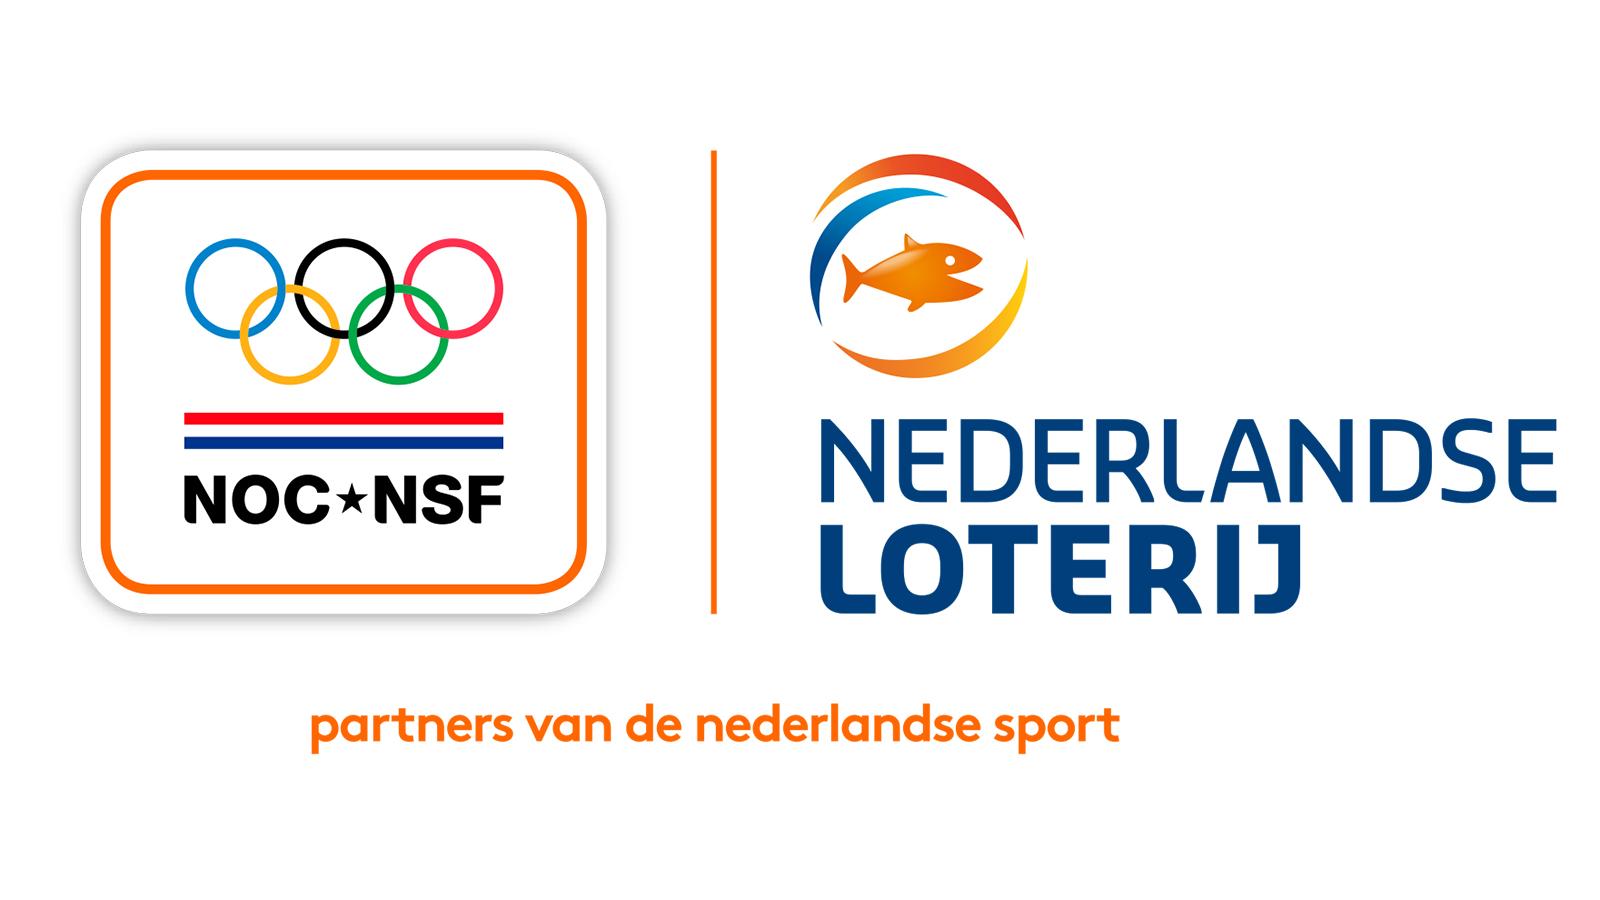 Nederlandse Loterij en NOC*NSF